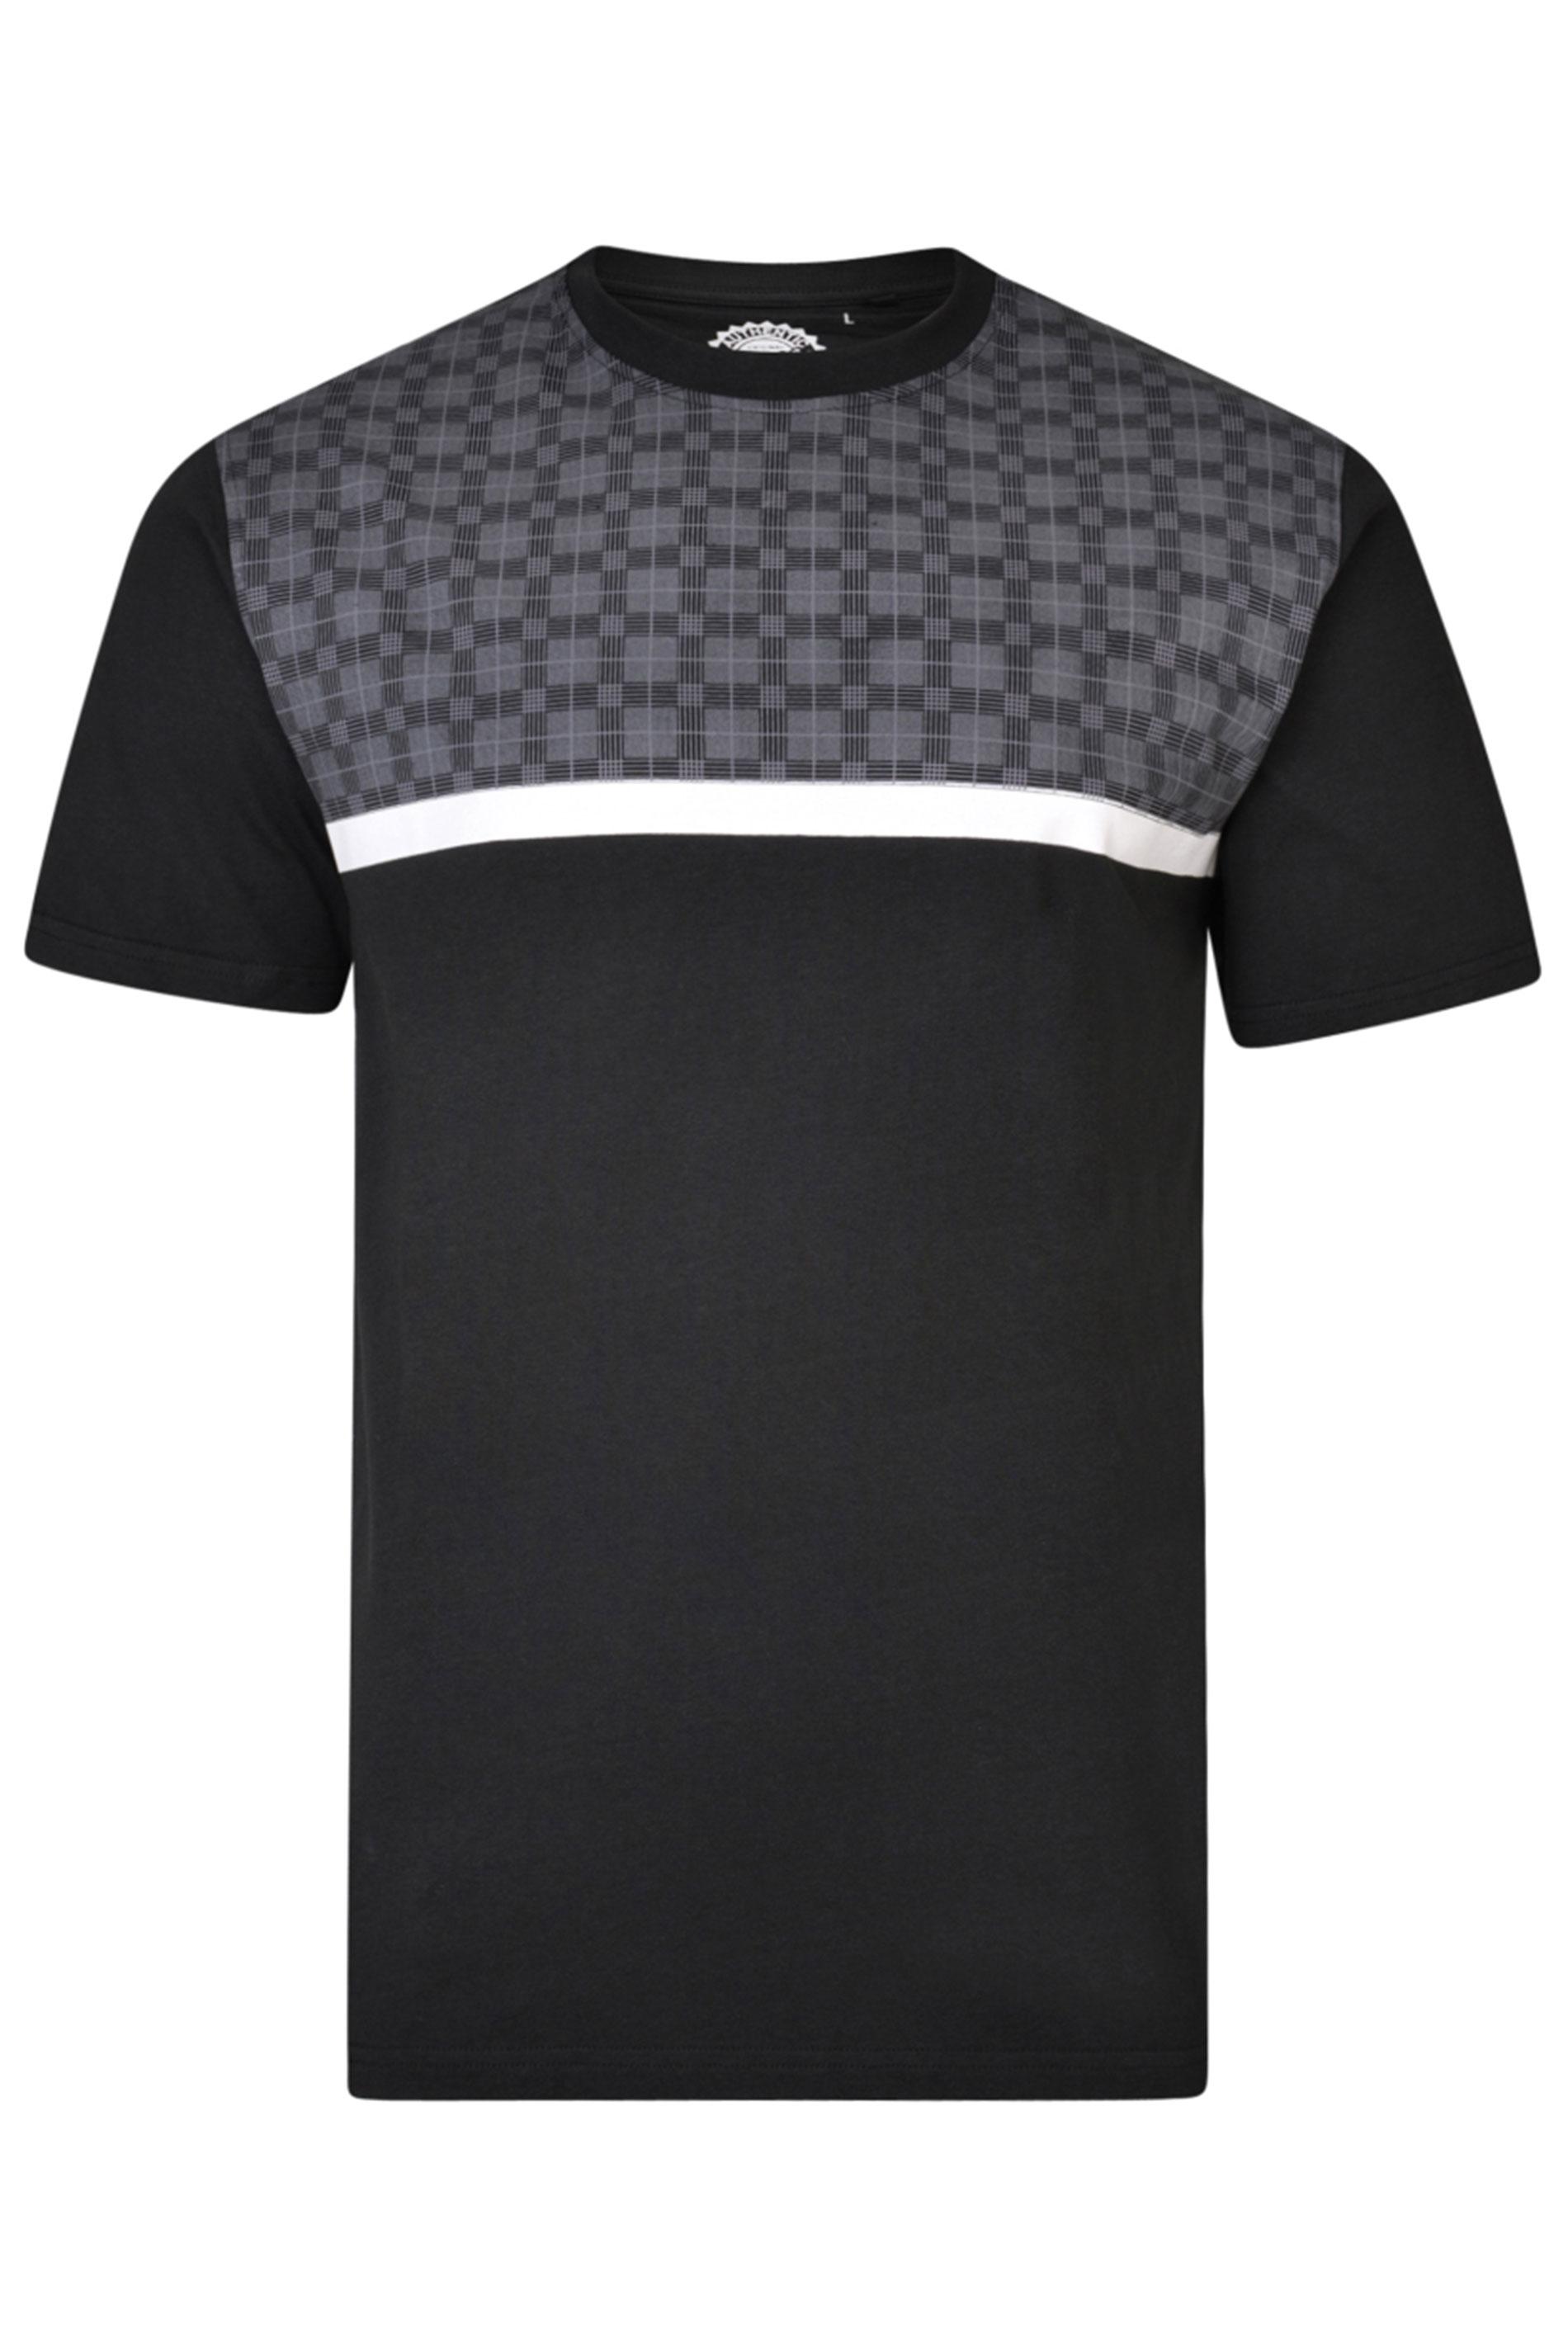 KAM Black Check Colour Block T-Shirt